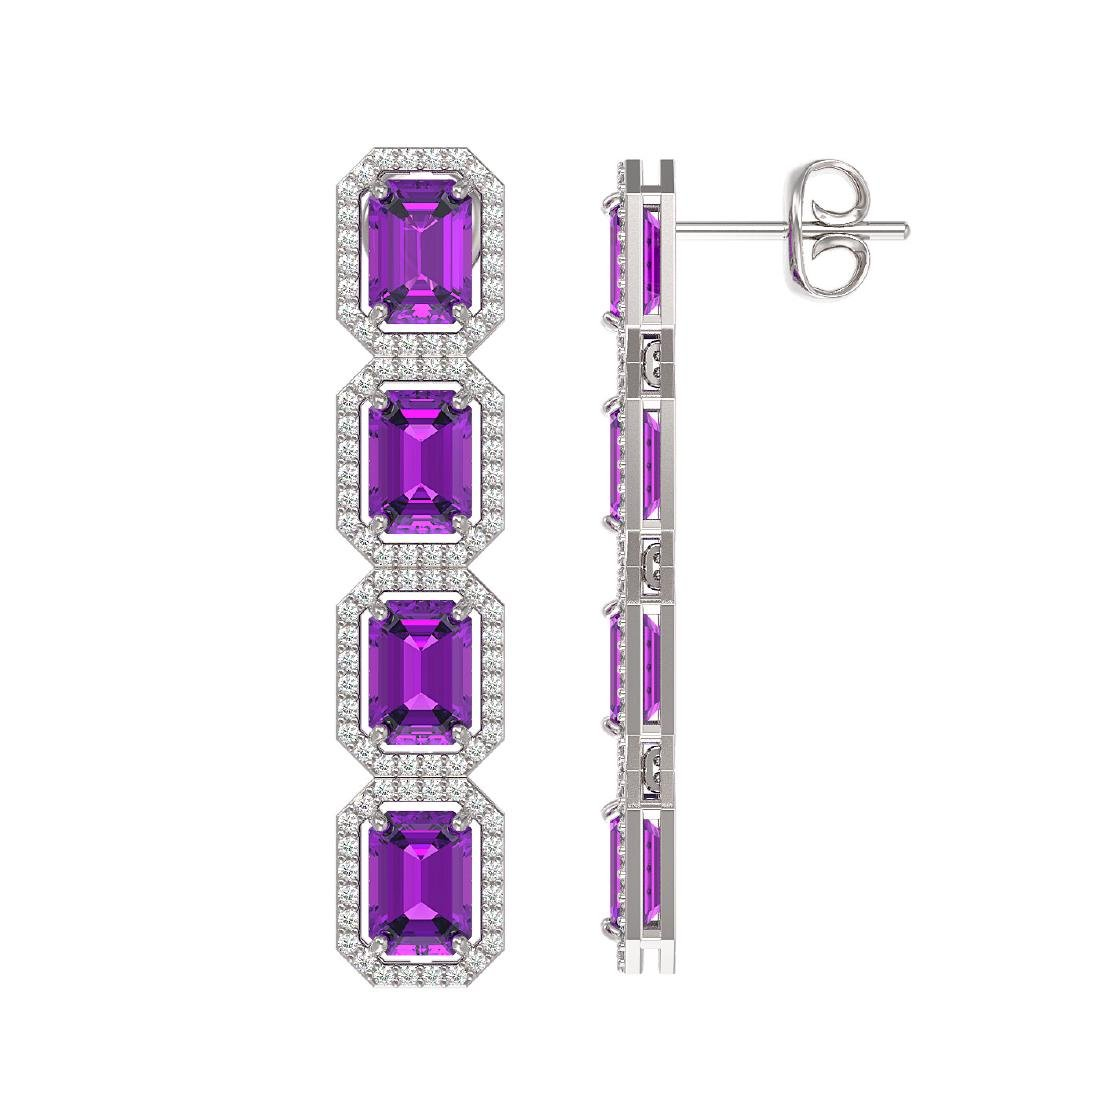 10.73 CTW Amethyst & Diamond Halo Earrings 10K White - 2